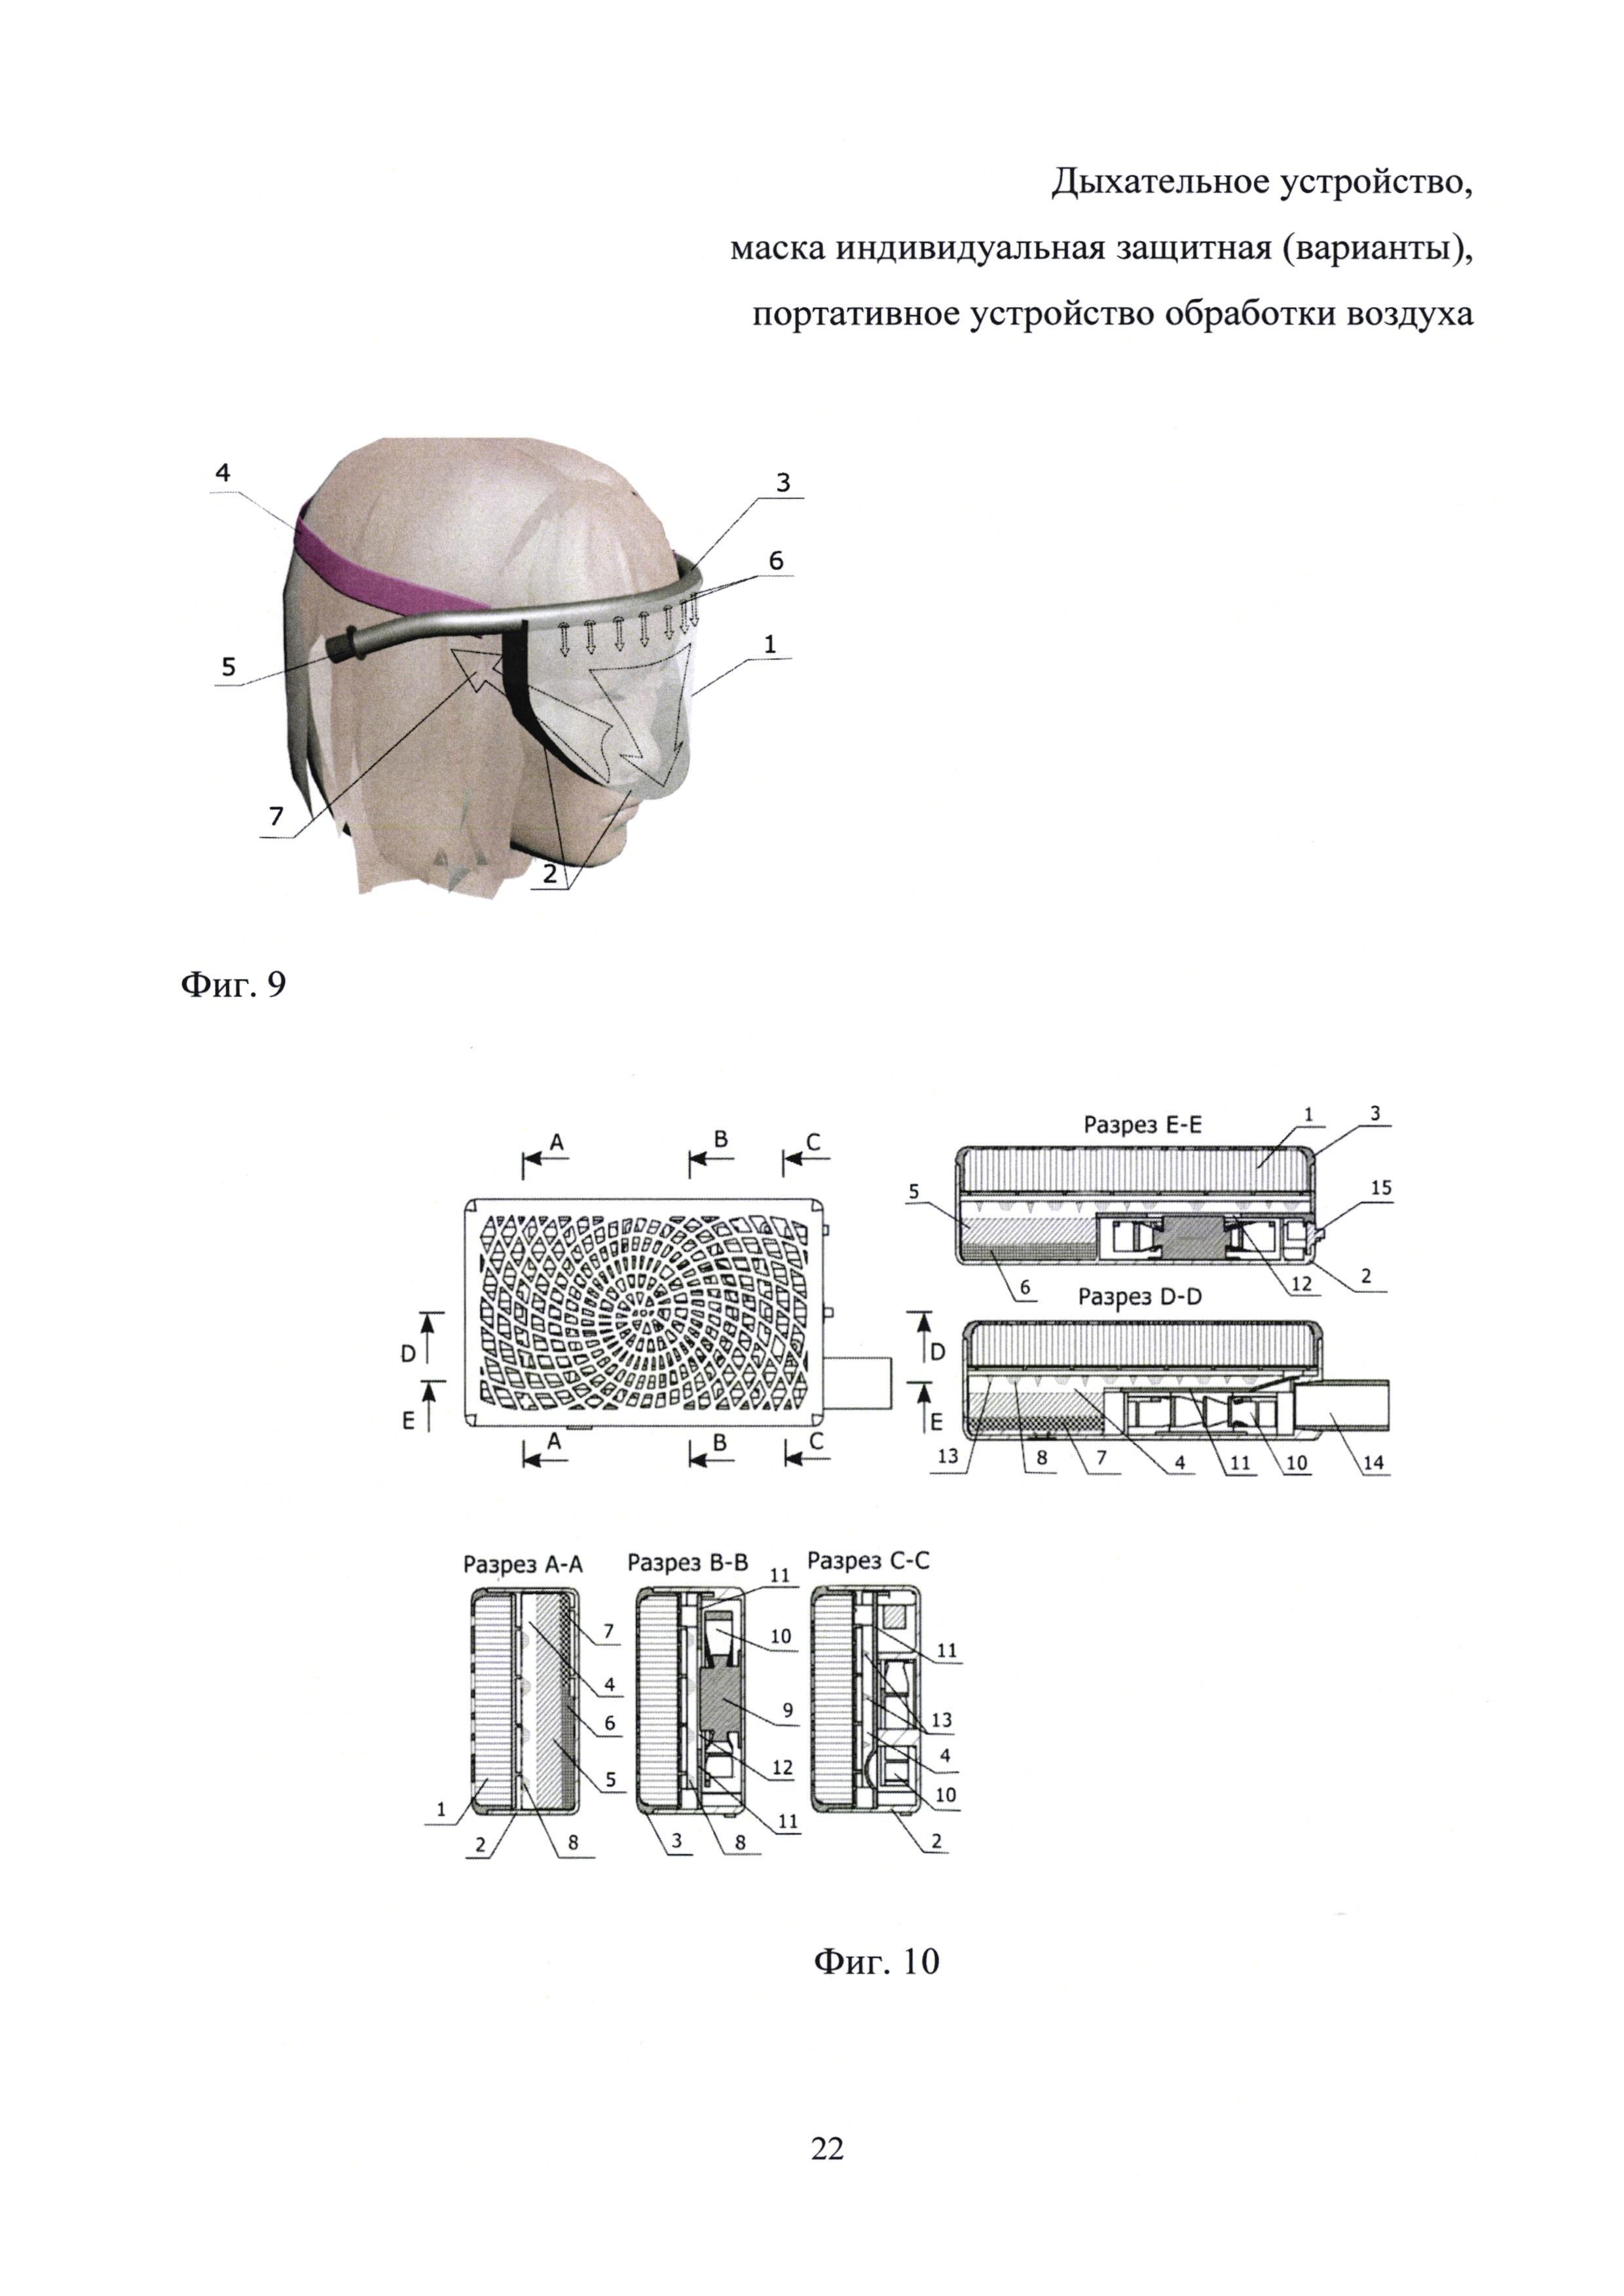 Дыхательное устройство, маска индивидуальная защитная (варианты), портативное устройство обработки воздуха